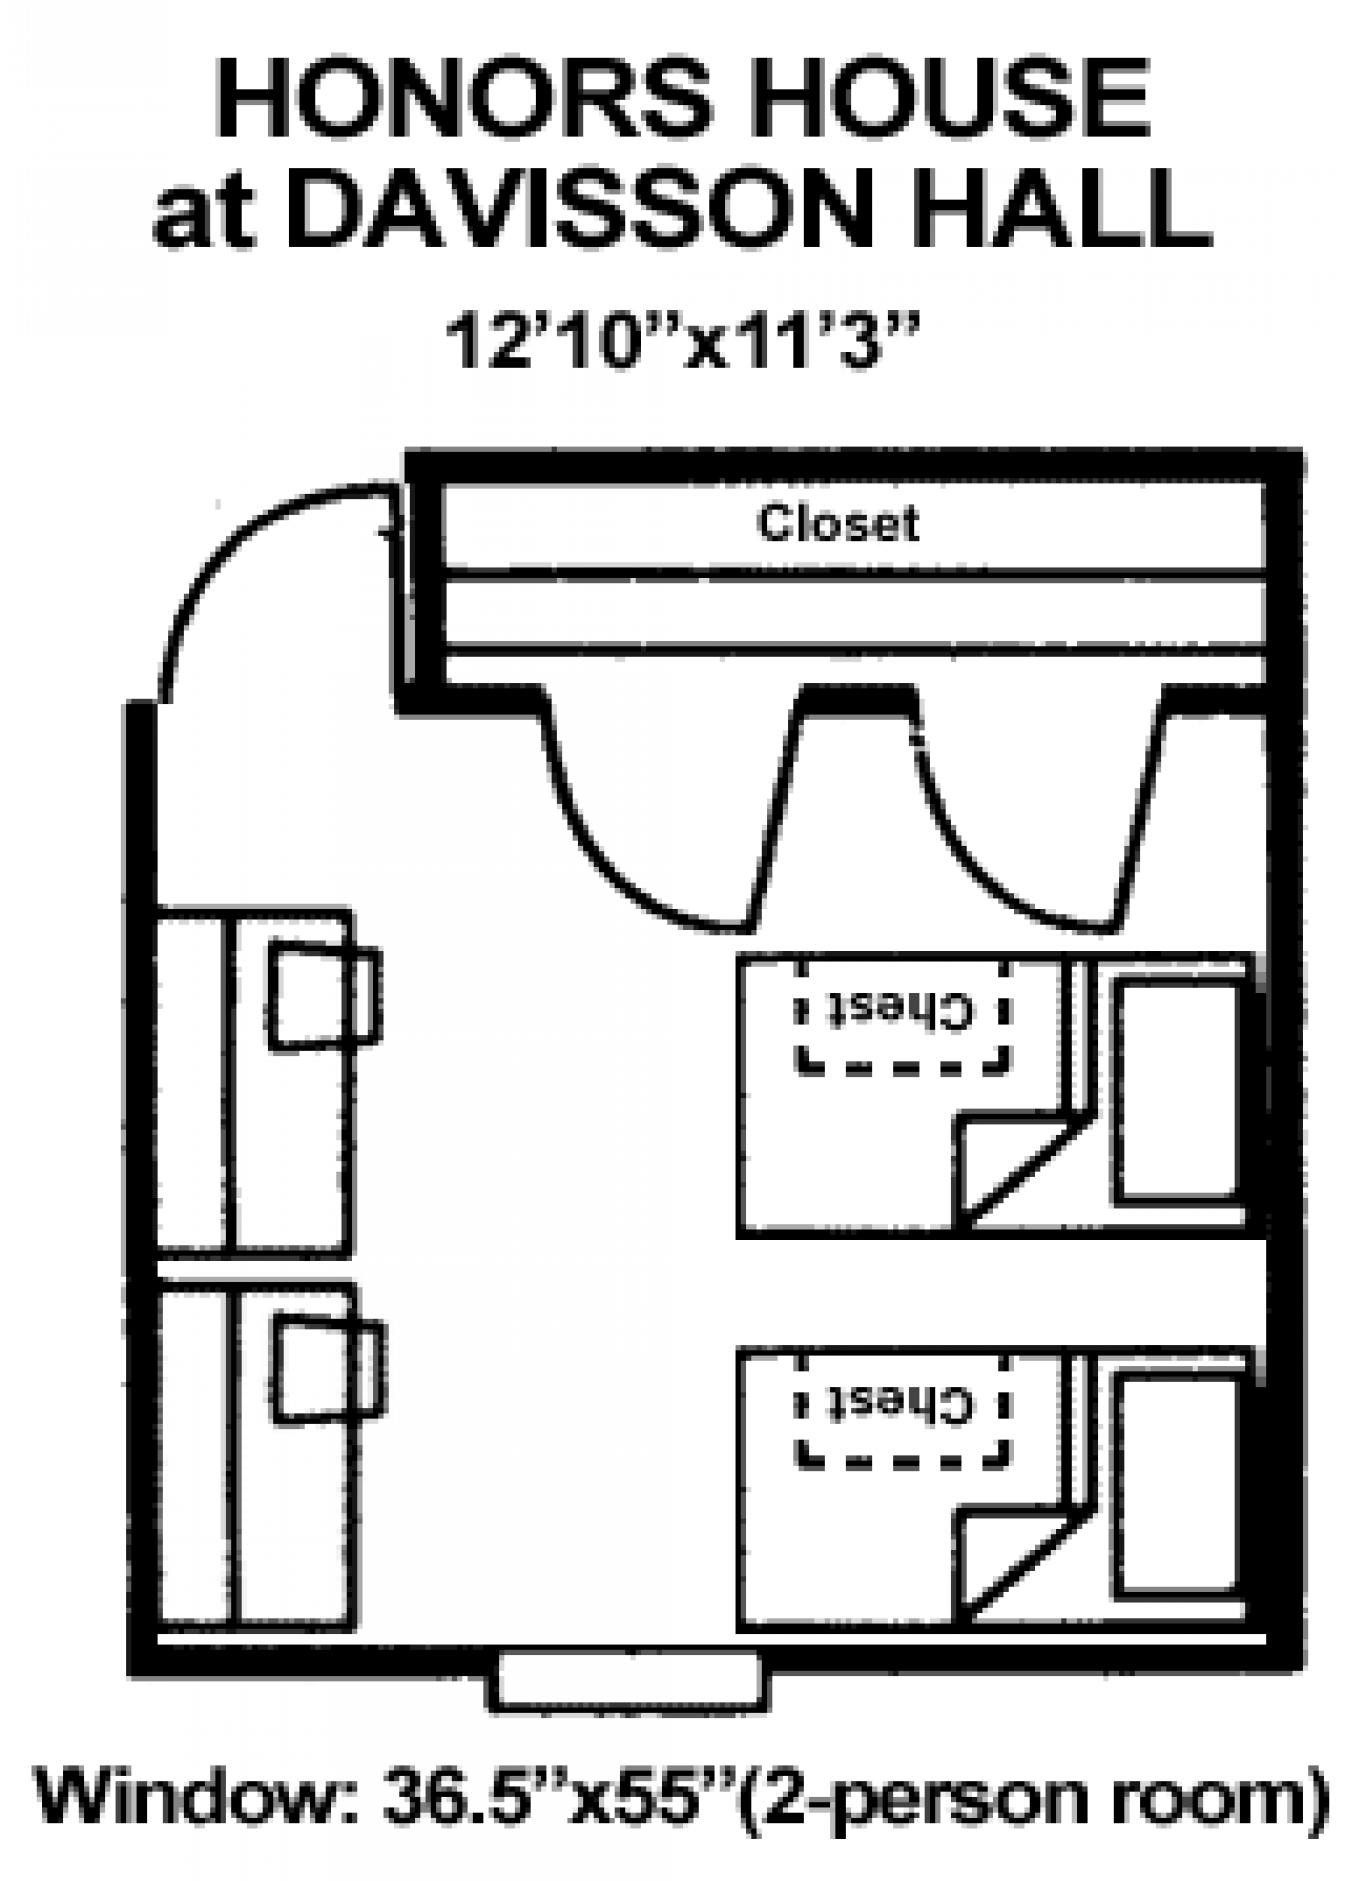 Honors House floorplan